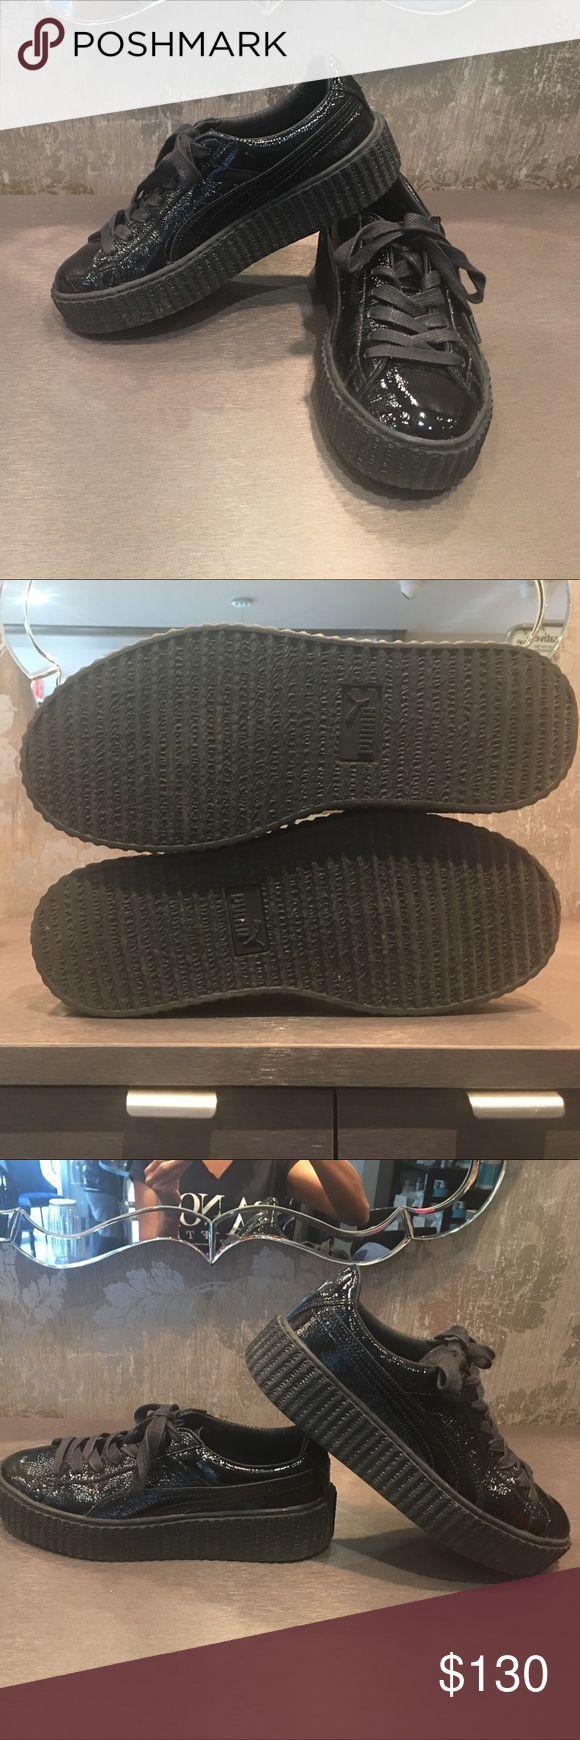 24 HOUR SALE FENTY PUMA RIHANNA Pâté leather worn once 7 12 PUMA FENTY BY R 24 HOUR SALE FENTY PUMA RIHANNA Pâté leather worn once 7 12 PUMA FEN...